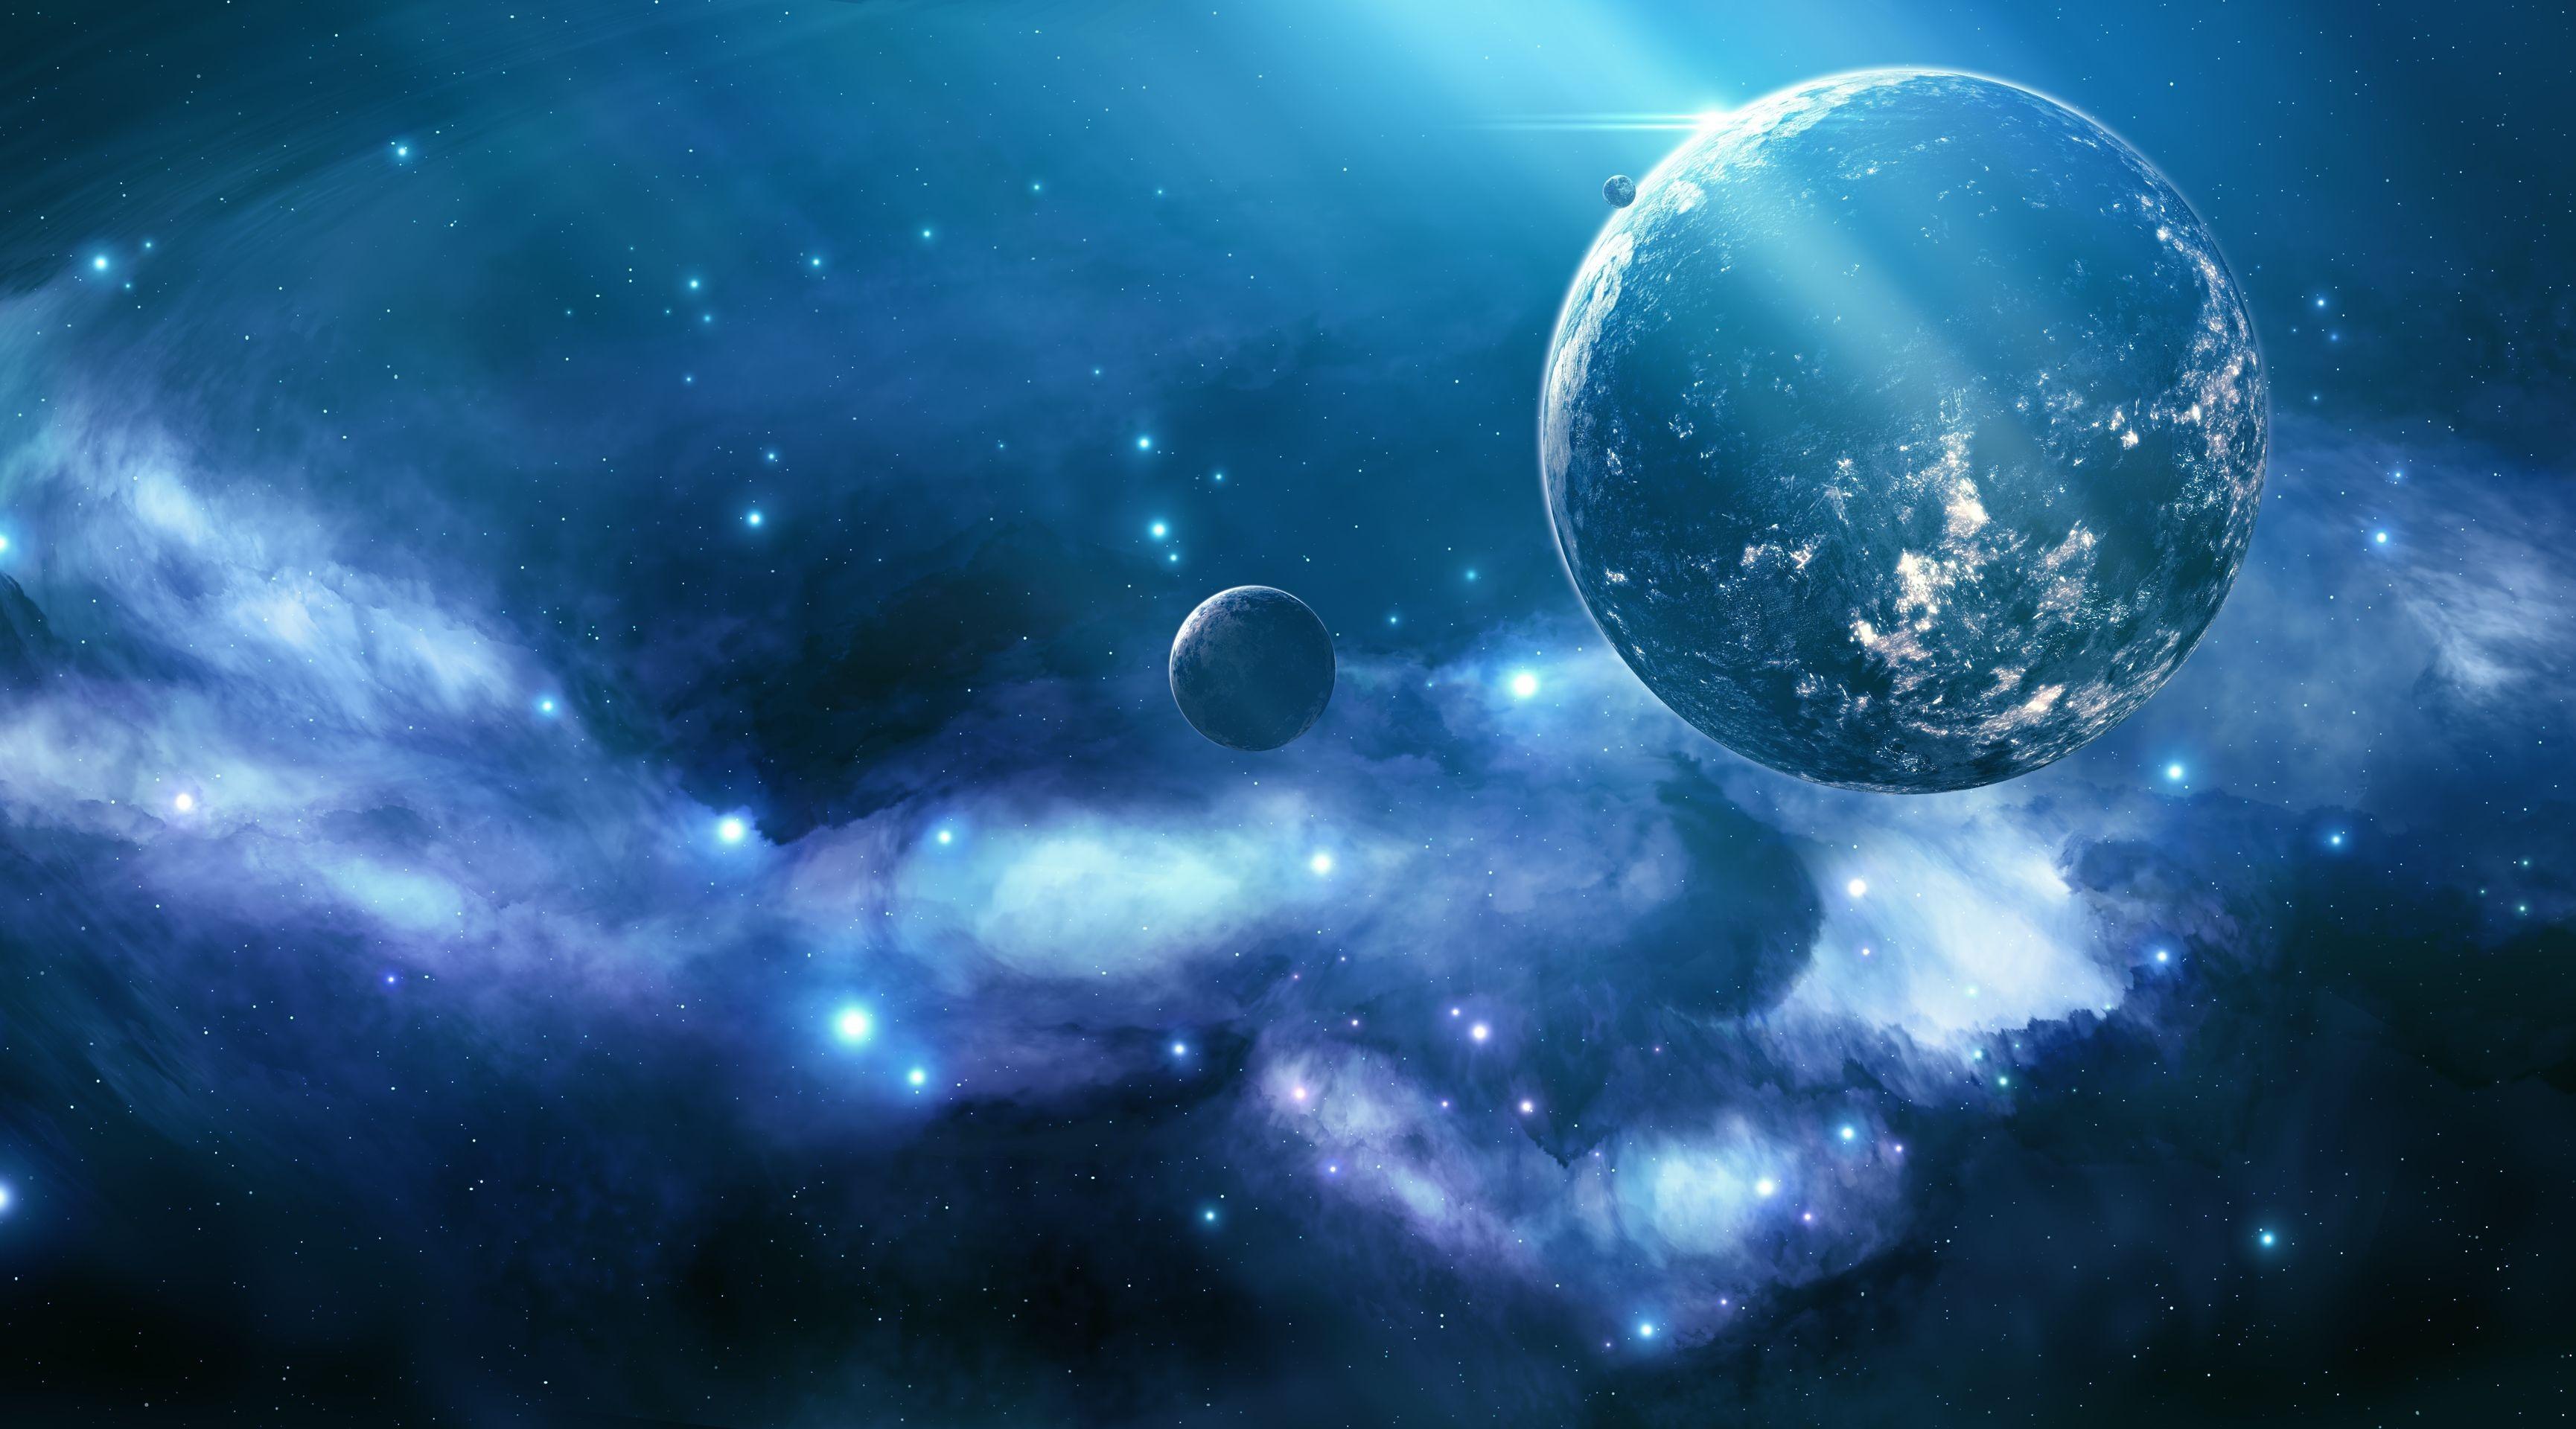 Sci Fi Wallpaper 9337 3460x1920 px HDWallSource